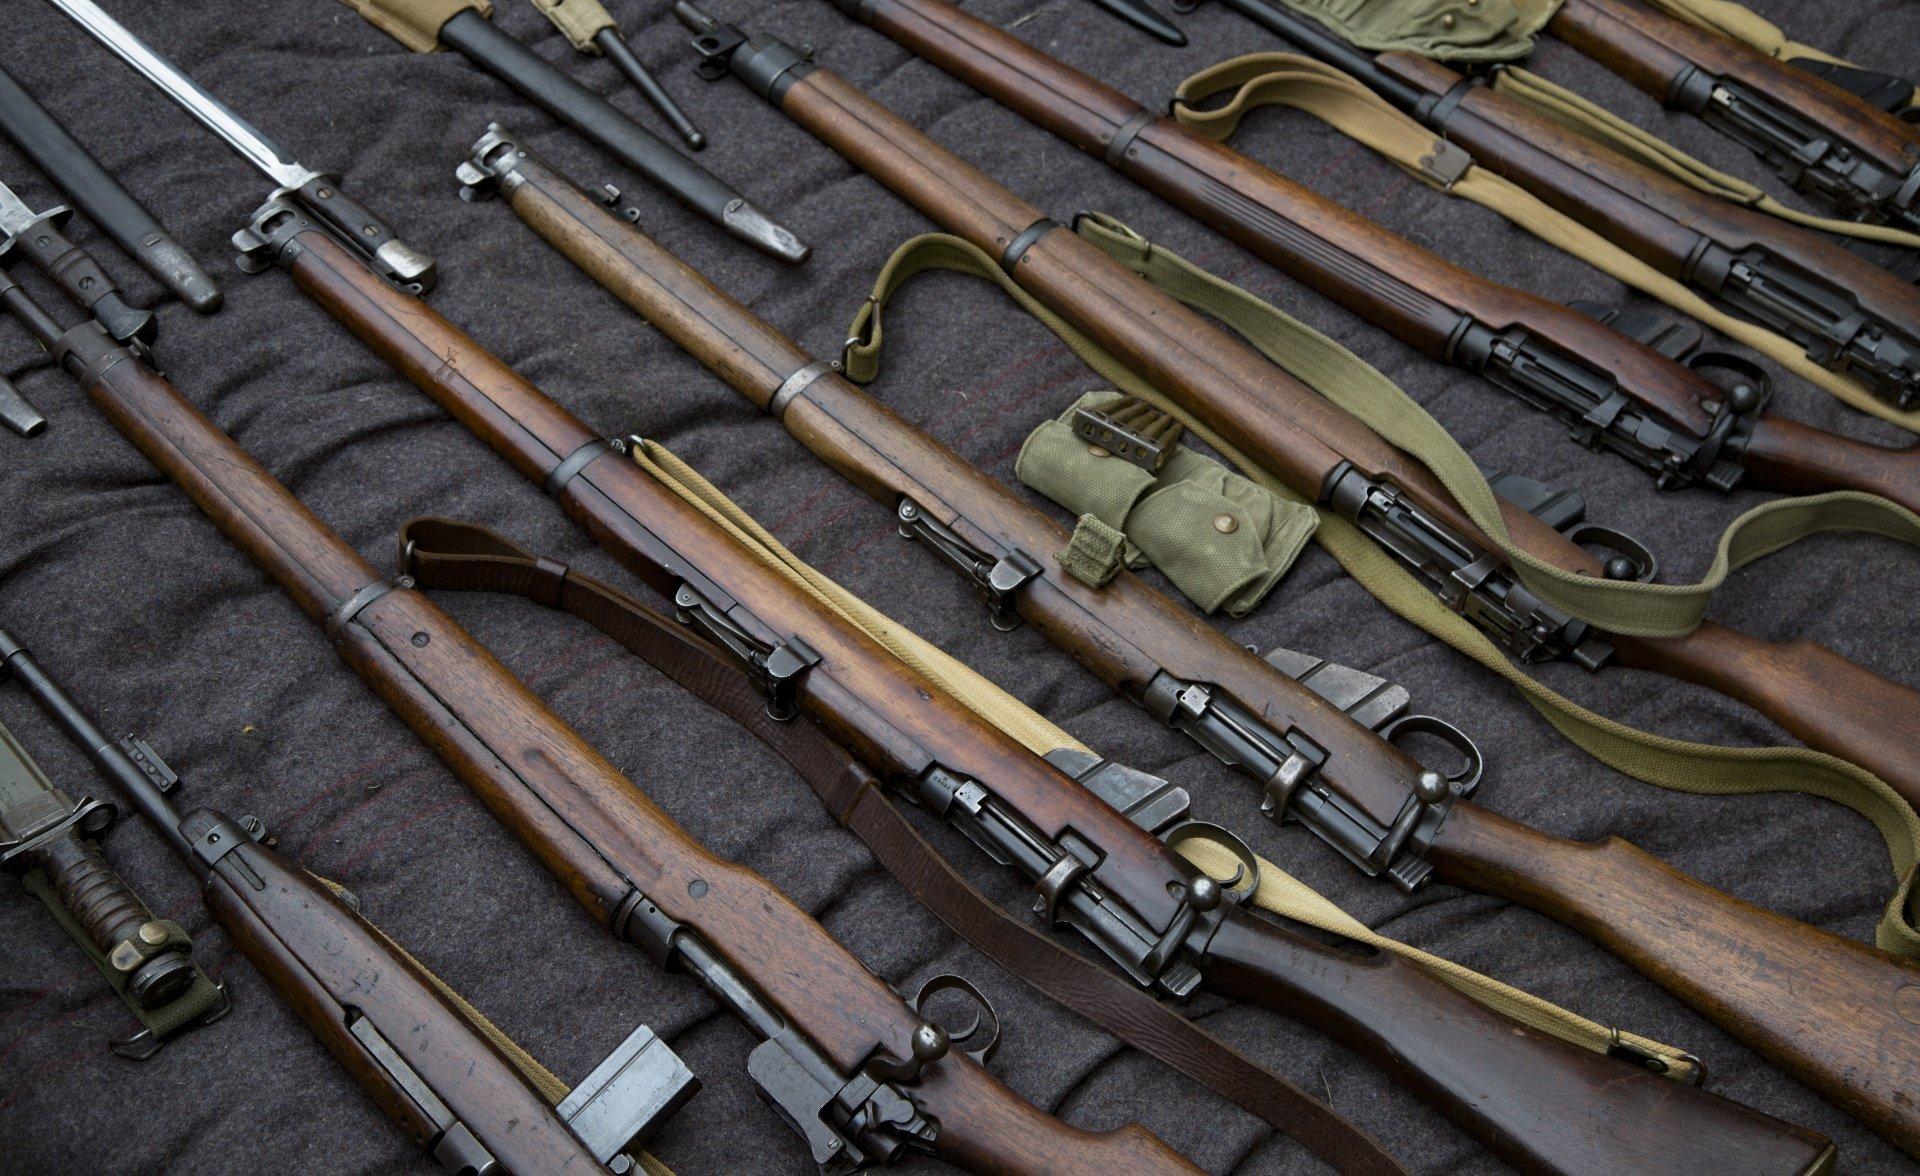 Жителей Удмуртии освободят от уголовной ответственности за добровольную сдачу оружия